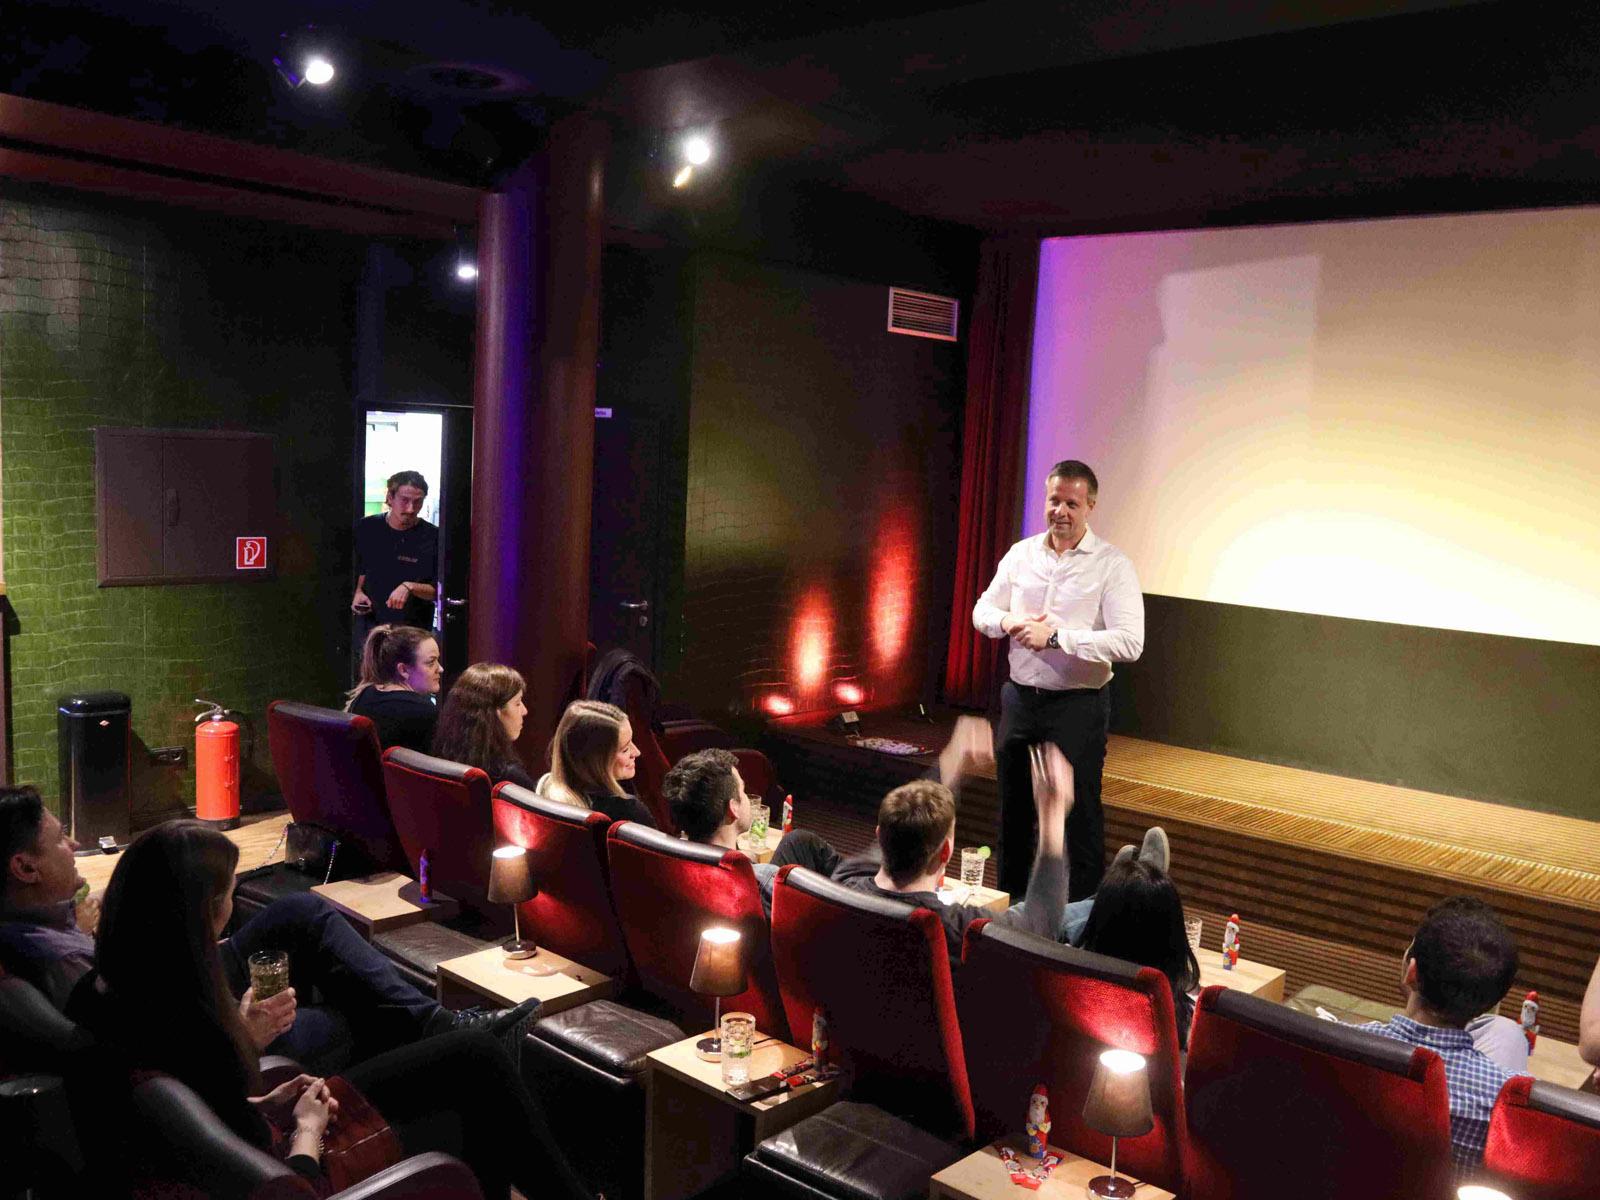 Ansprache des Geschäftsführers im Kino